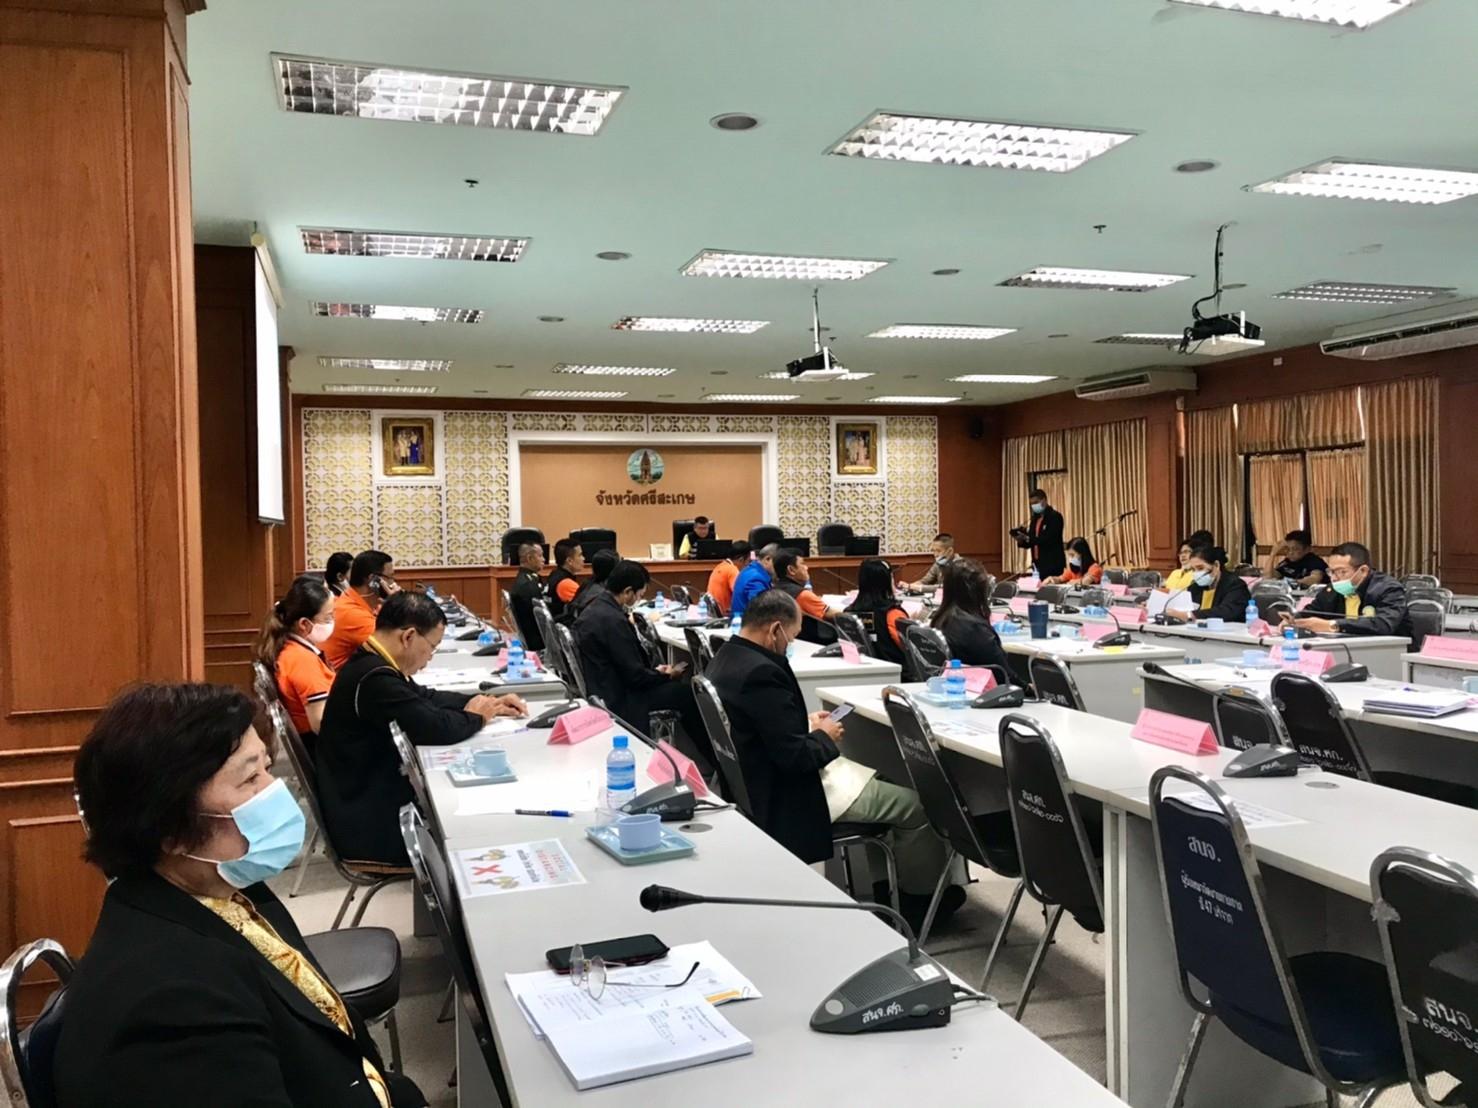 การประชุมคณะกรรมการอำนวยการรักษาความมั่นคงภายในจังหวัด ครั้งที่ 2